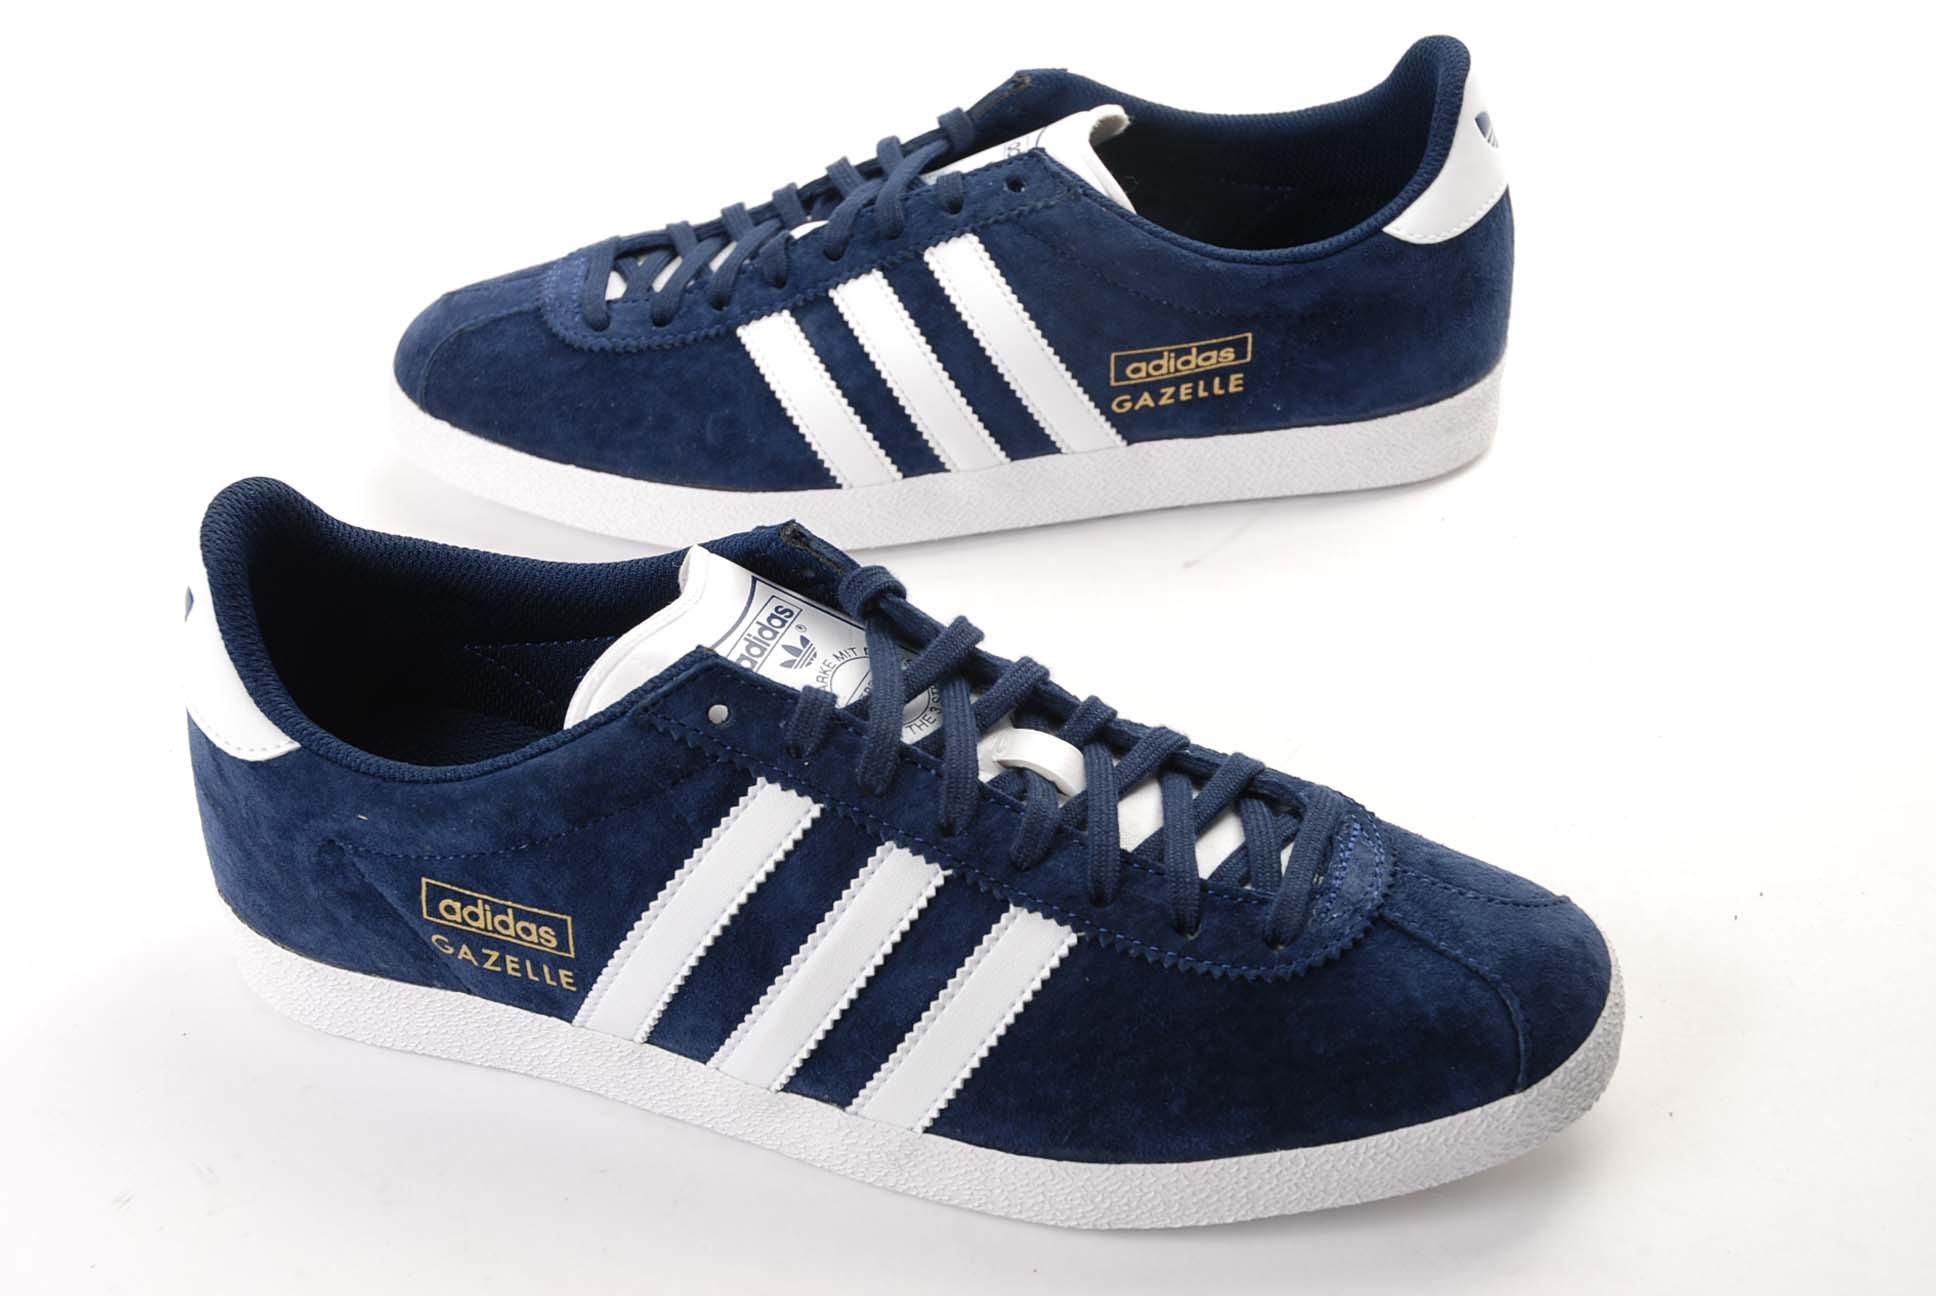 Adidas Pas Gazelle Chaussure Cher Bleu rCsxhtQd